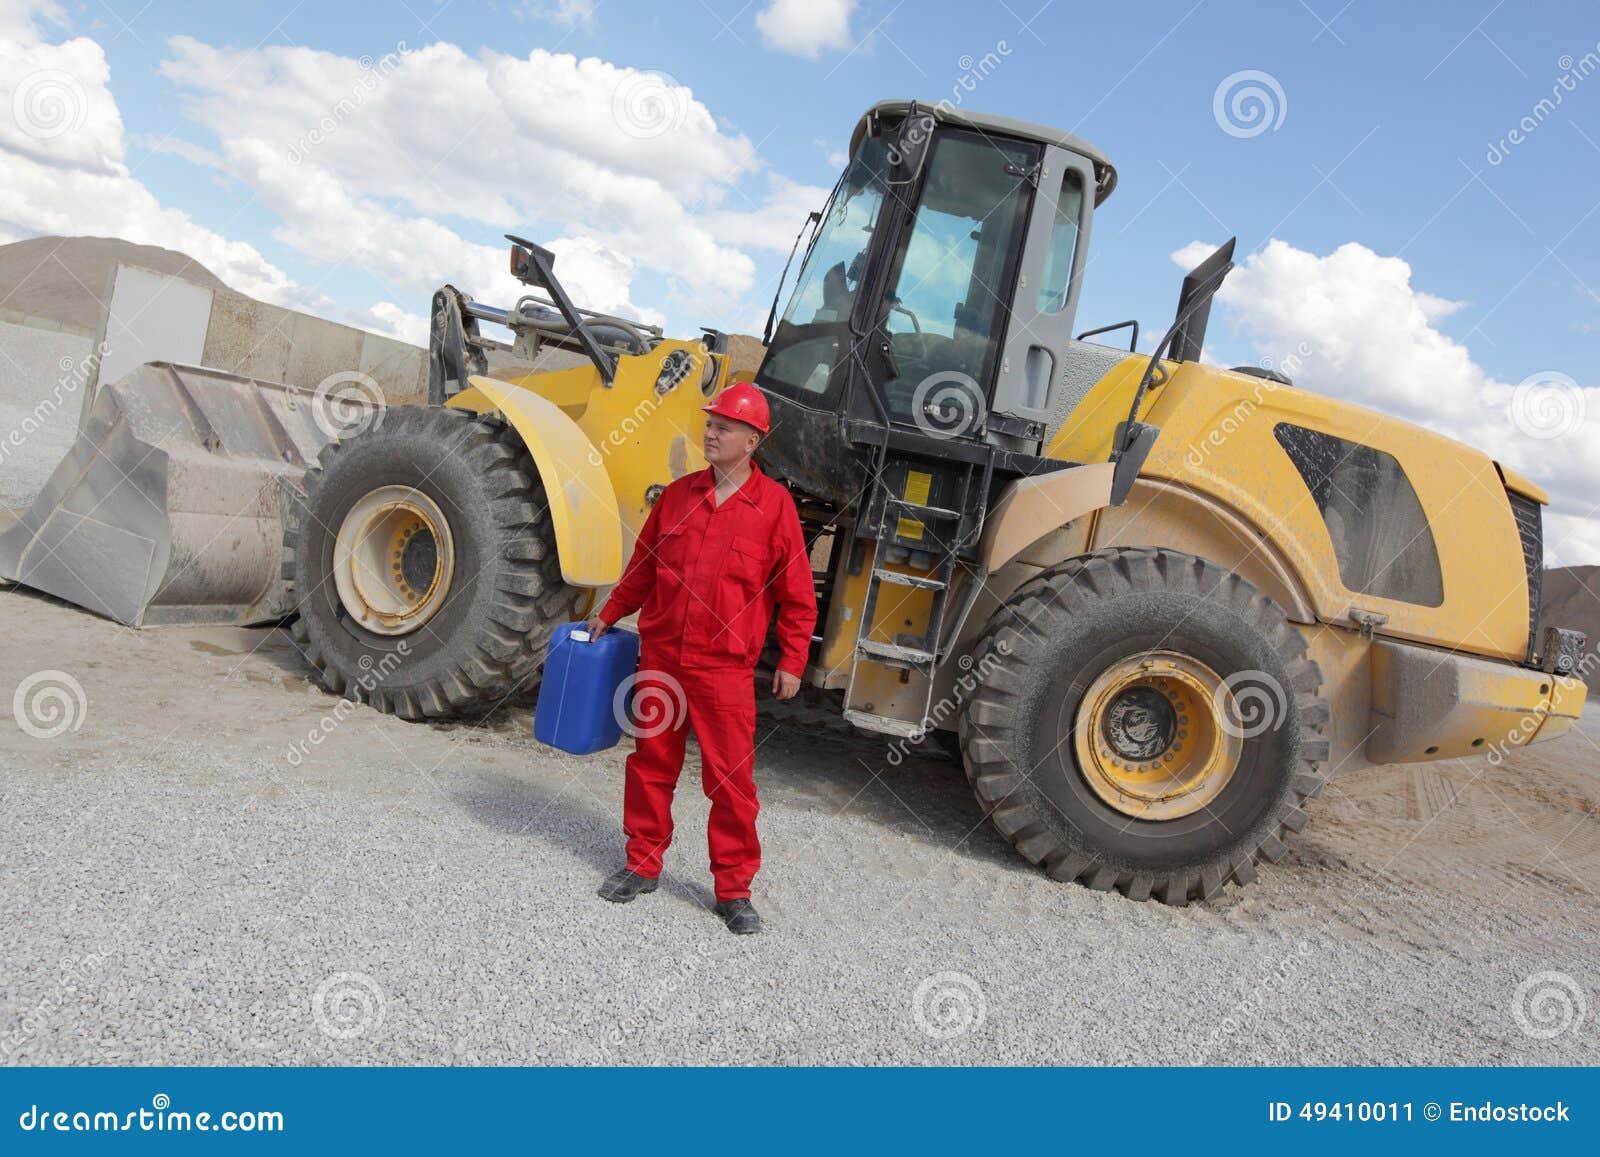 Download Mann In Der Roten Uniform Mit Treibstoffdose, Planierraupe Im Hintergrund Stockbild - Bild von überprüfung, hintergrund: 49410011